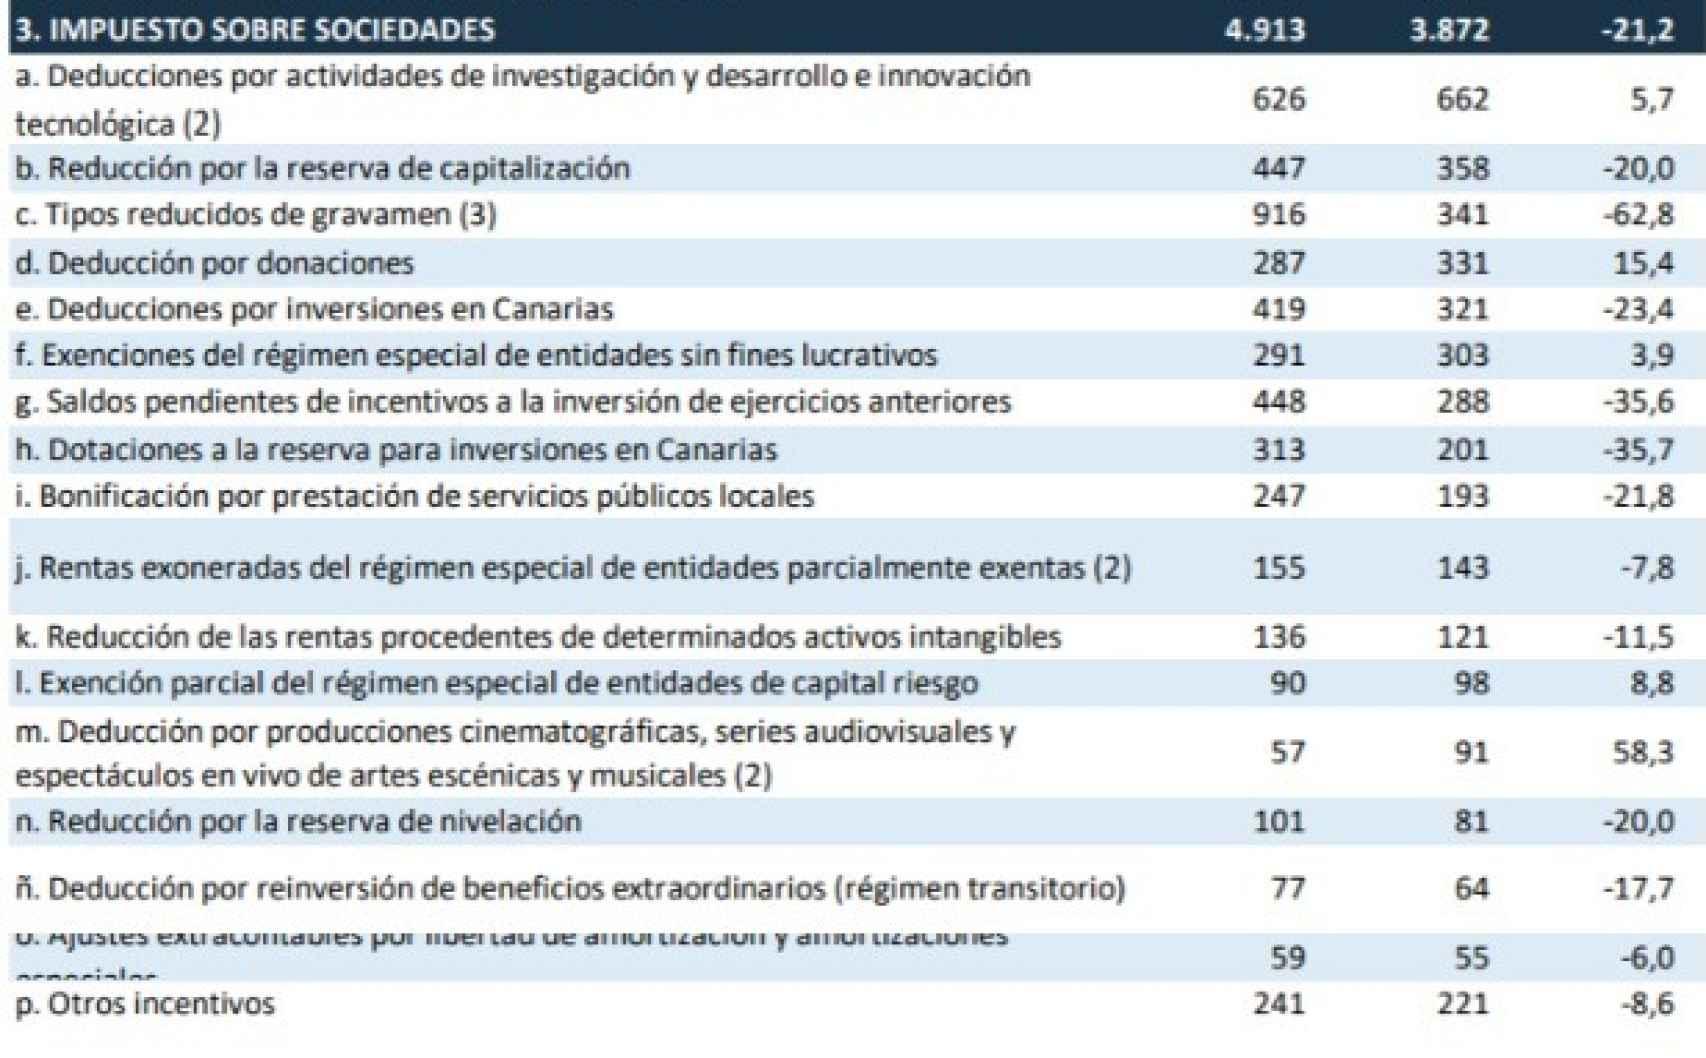 Gasto en beneficios fiscales previstos por el Gobierno (primera y segunda columna, en millones de euros; tercera columna: porcentaje de cambio de 2020 a 2021). Fuente: Proyecto de Presupuestos.